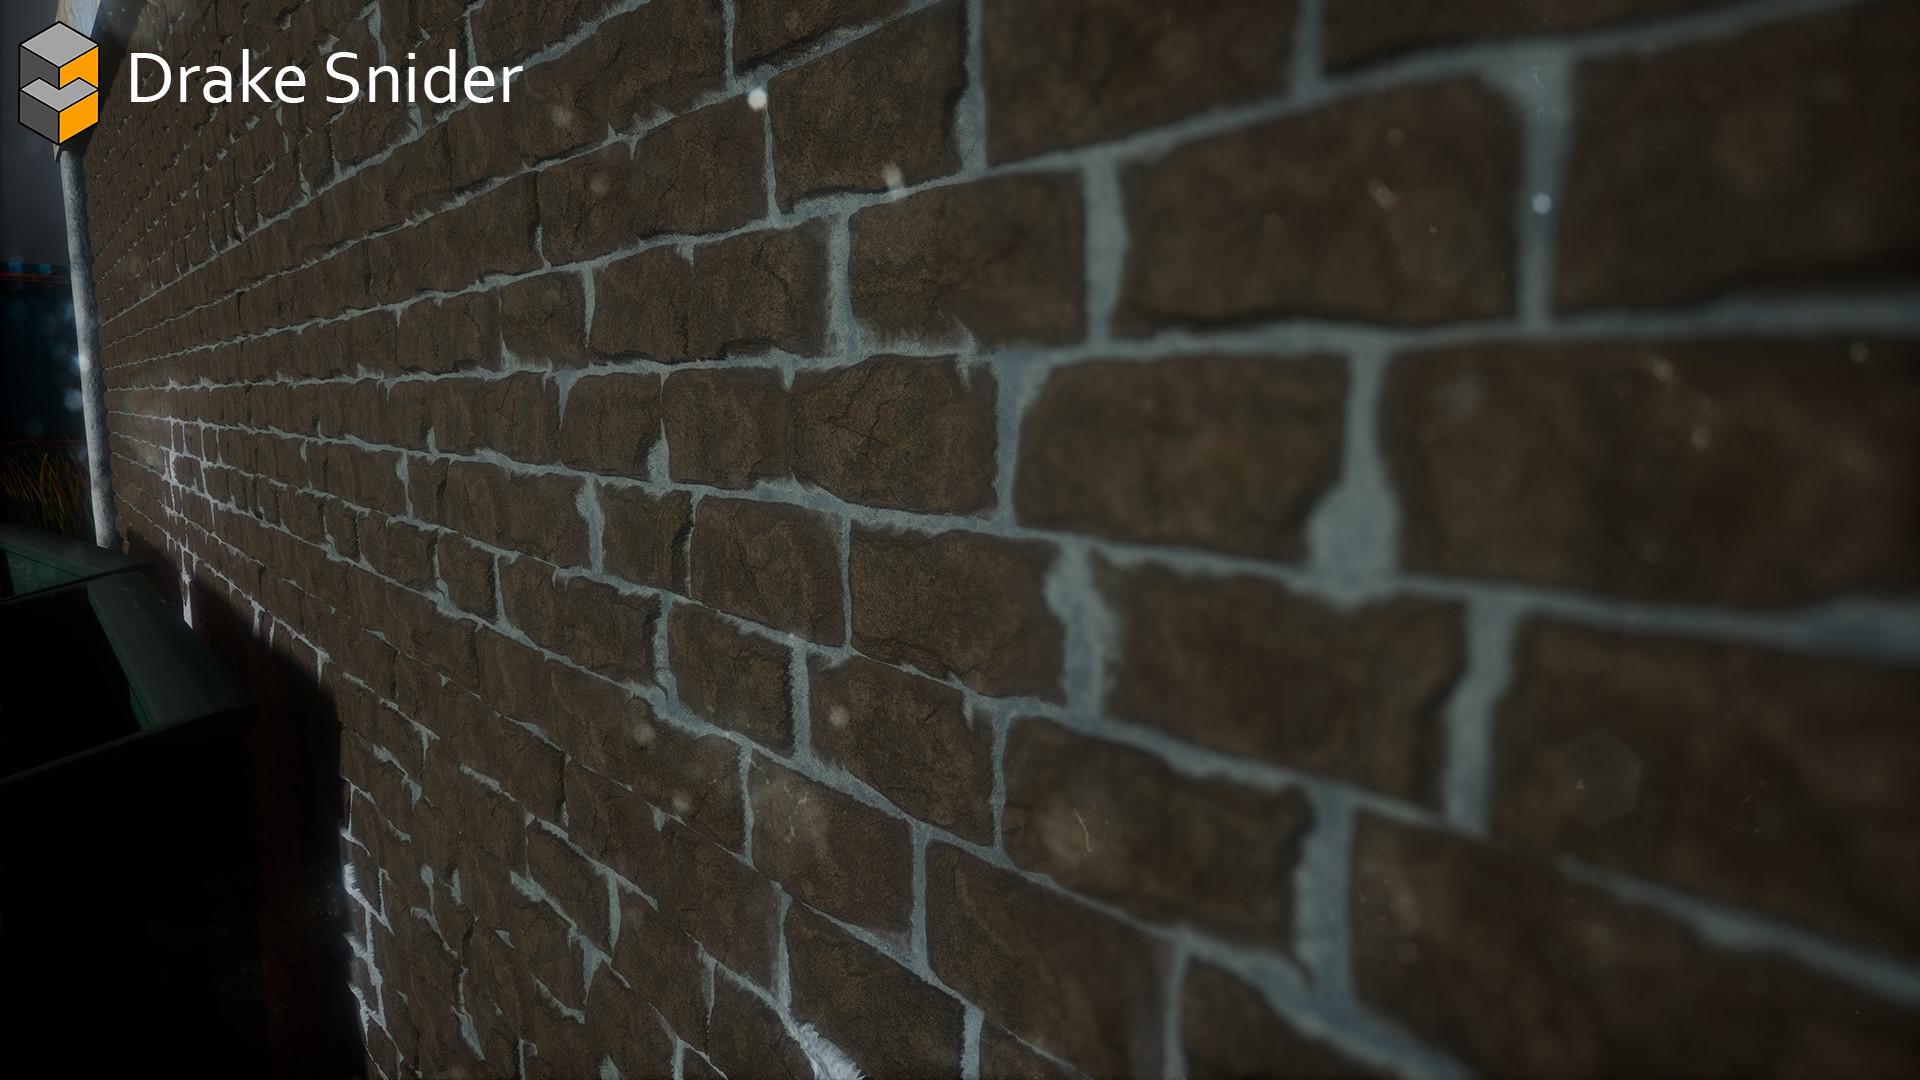 Drake snider drakesnider brick